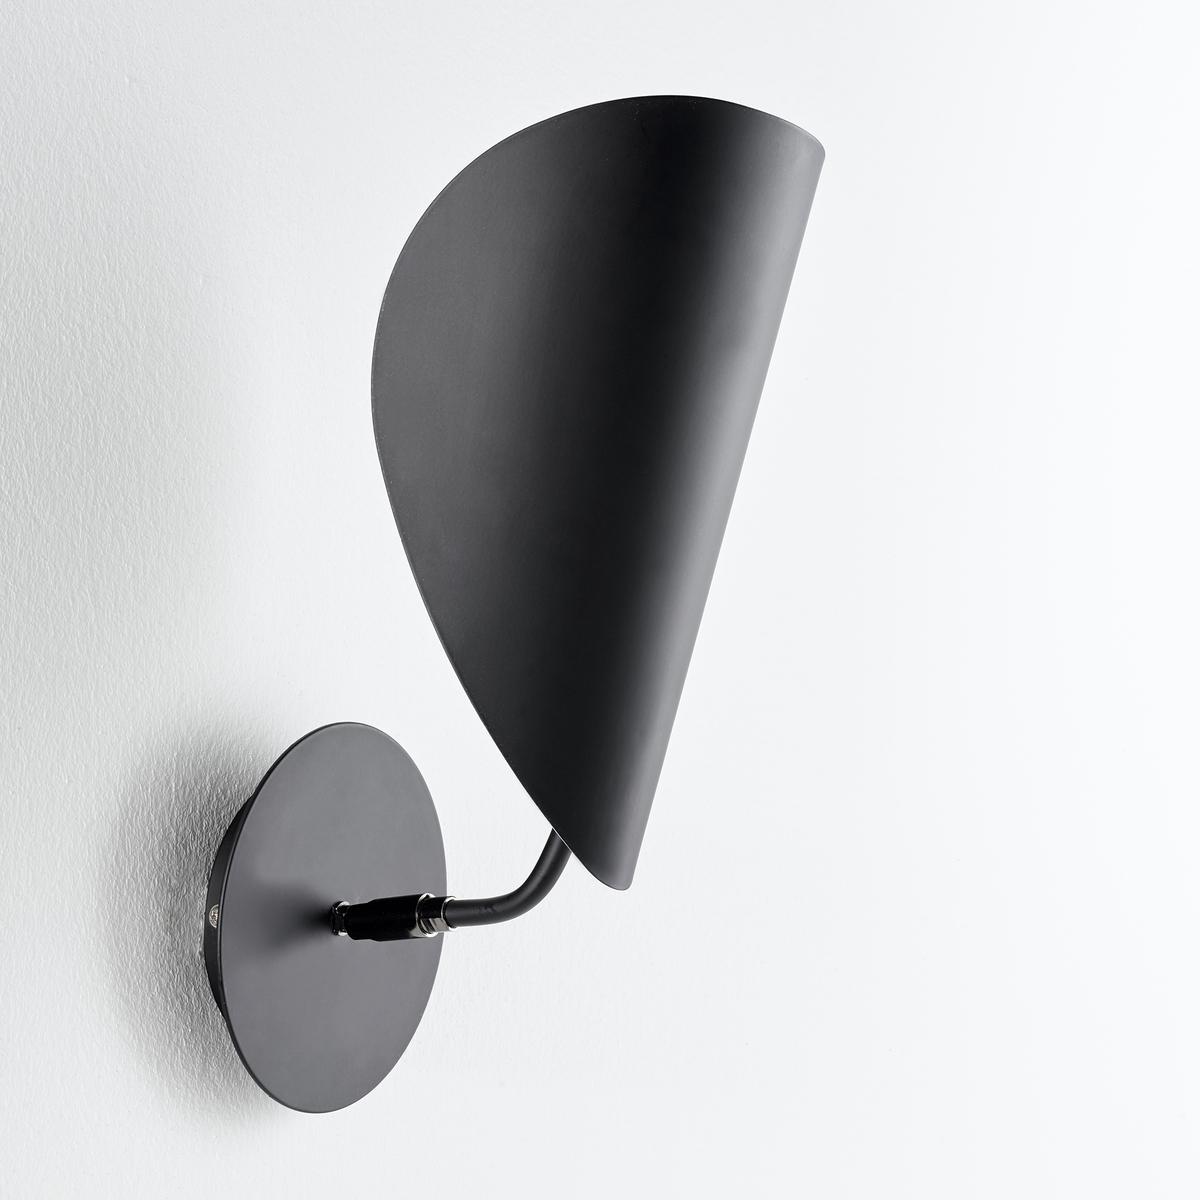 Бра FunambuleБра Funambule. Тонкая и воздушная форма, вдохновленная движущимися объектами и природой, поворачивающийся абажур в форме листа. Бра отлично подходит для любой комнаты.Характеристики :Из металла с матовым эпоксидным покрытием- Патрон E14 для компактной флуоресцентной лампы макс. 8 Вт (продается отдельно)- Совместим с лампами класса энергопотребления A Размеры :- Ш.30 x В.30 x Г.17 см.<br><br>Цвет: черный